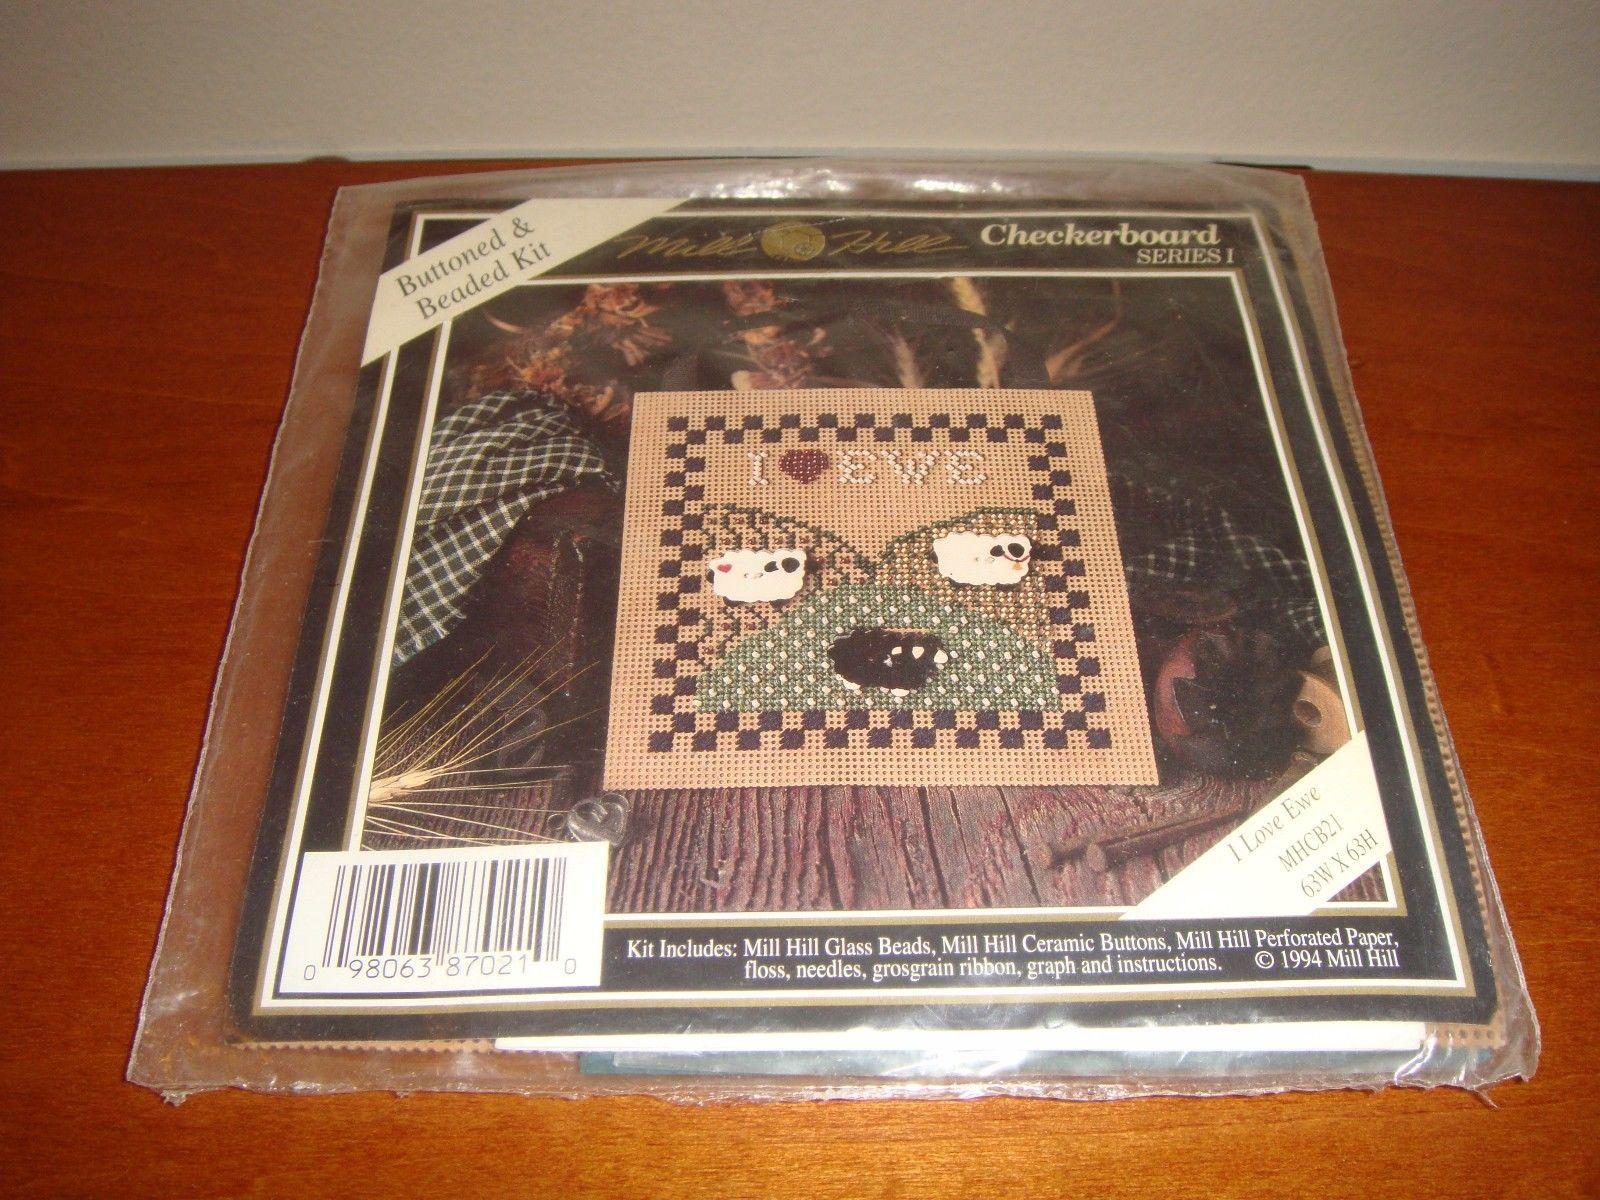 Mill Hill I Love Ewe Checkerboard Series I Cross Stitch Kit